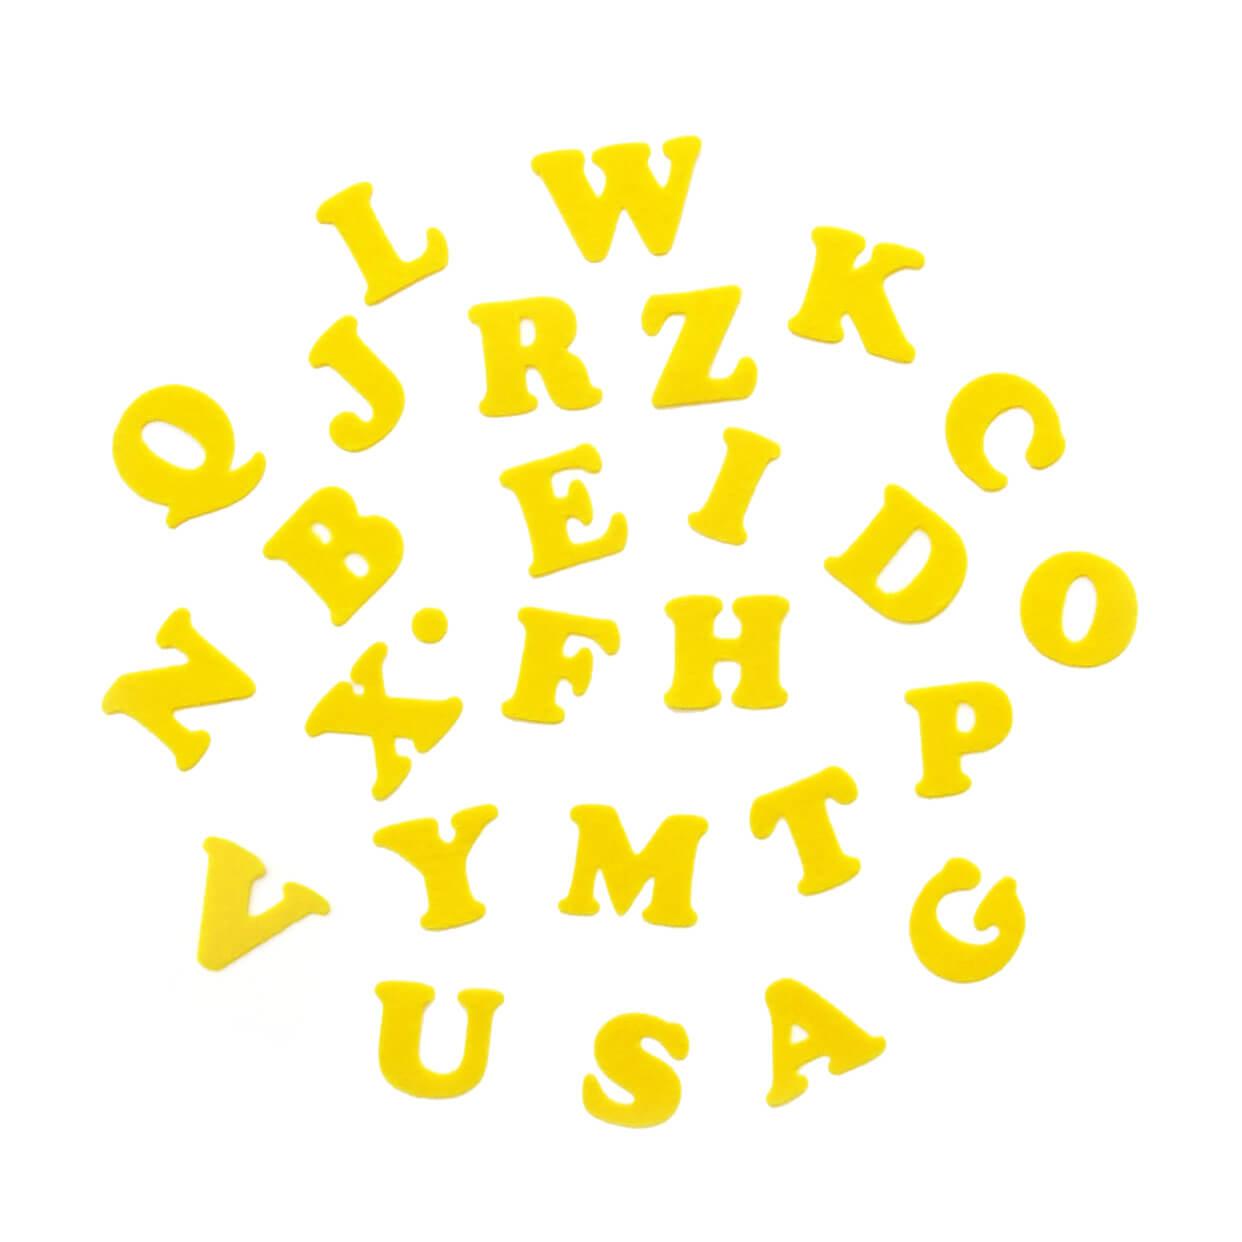 おしゃれなアルファベットのアップリケ(ワッペン)